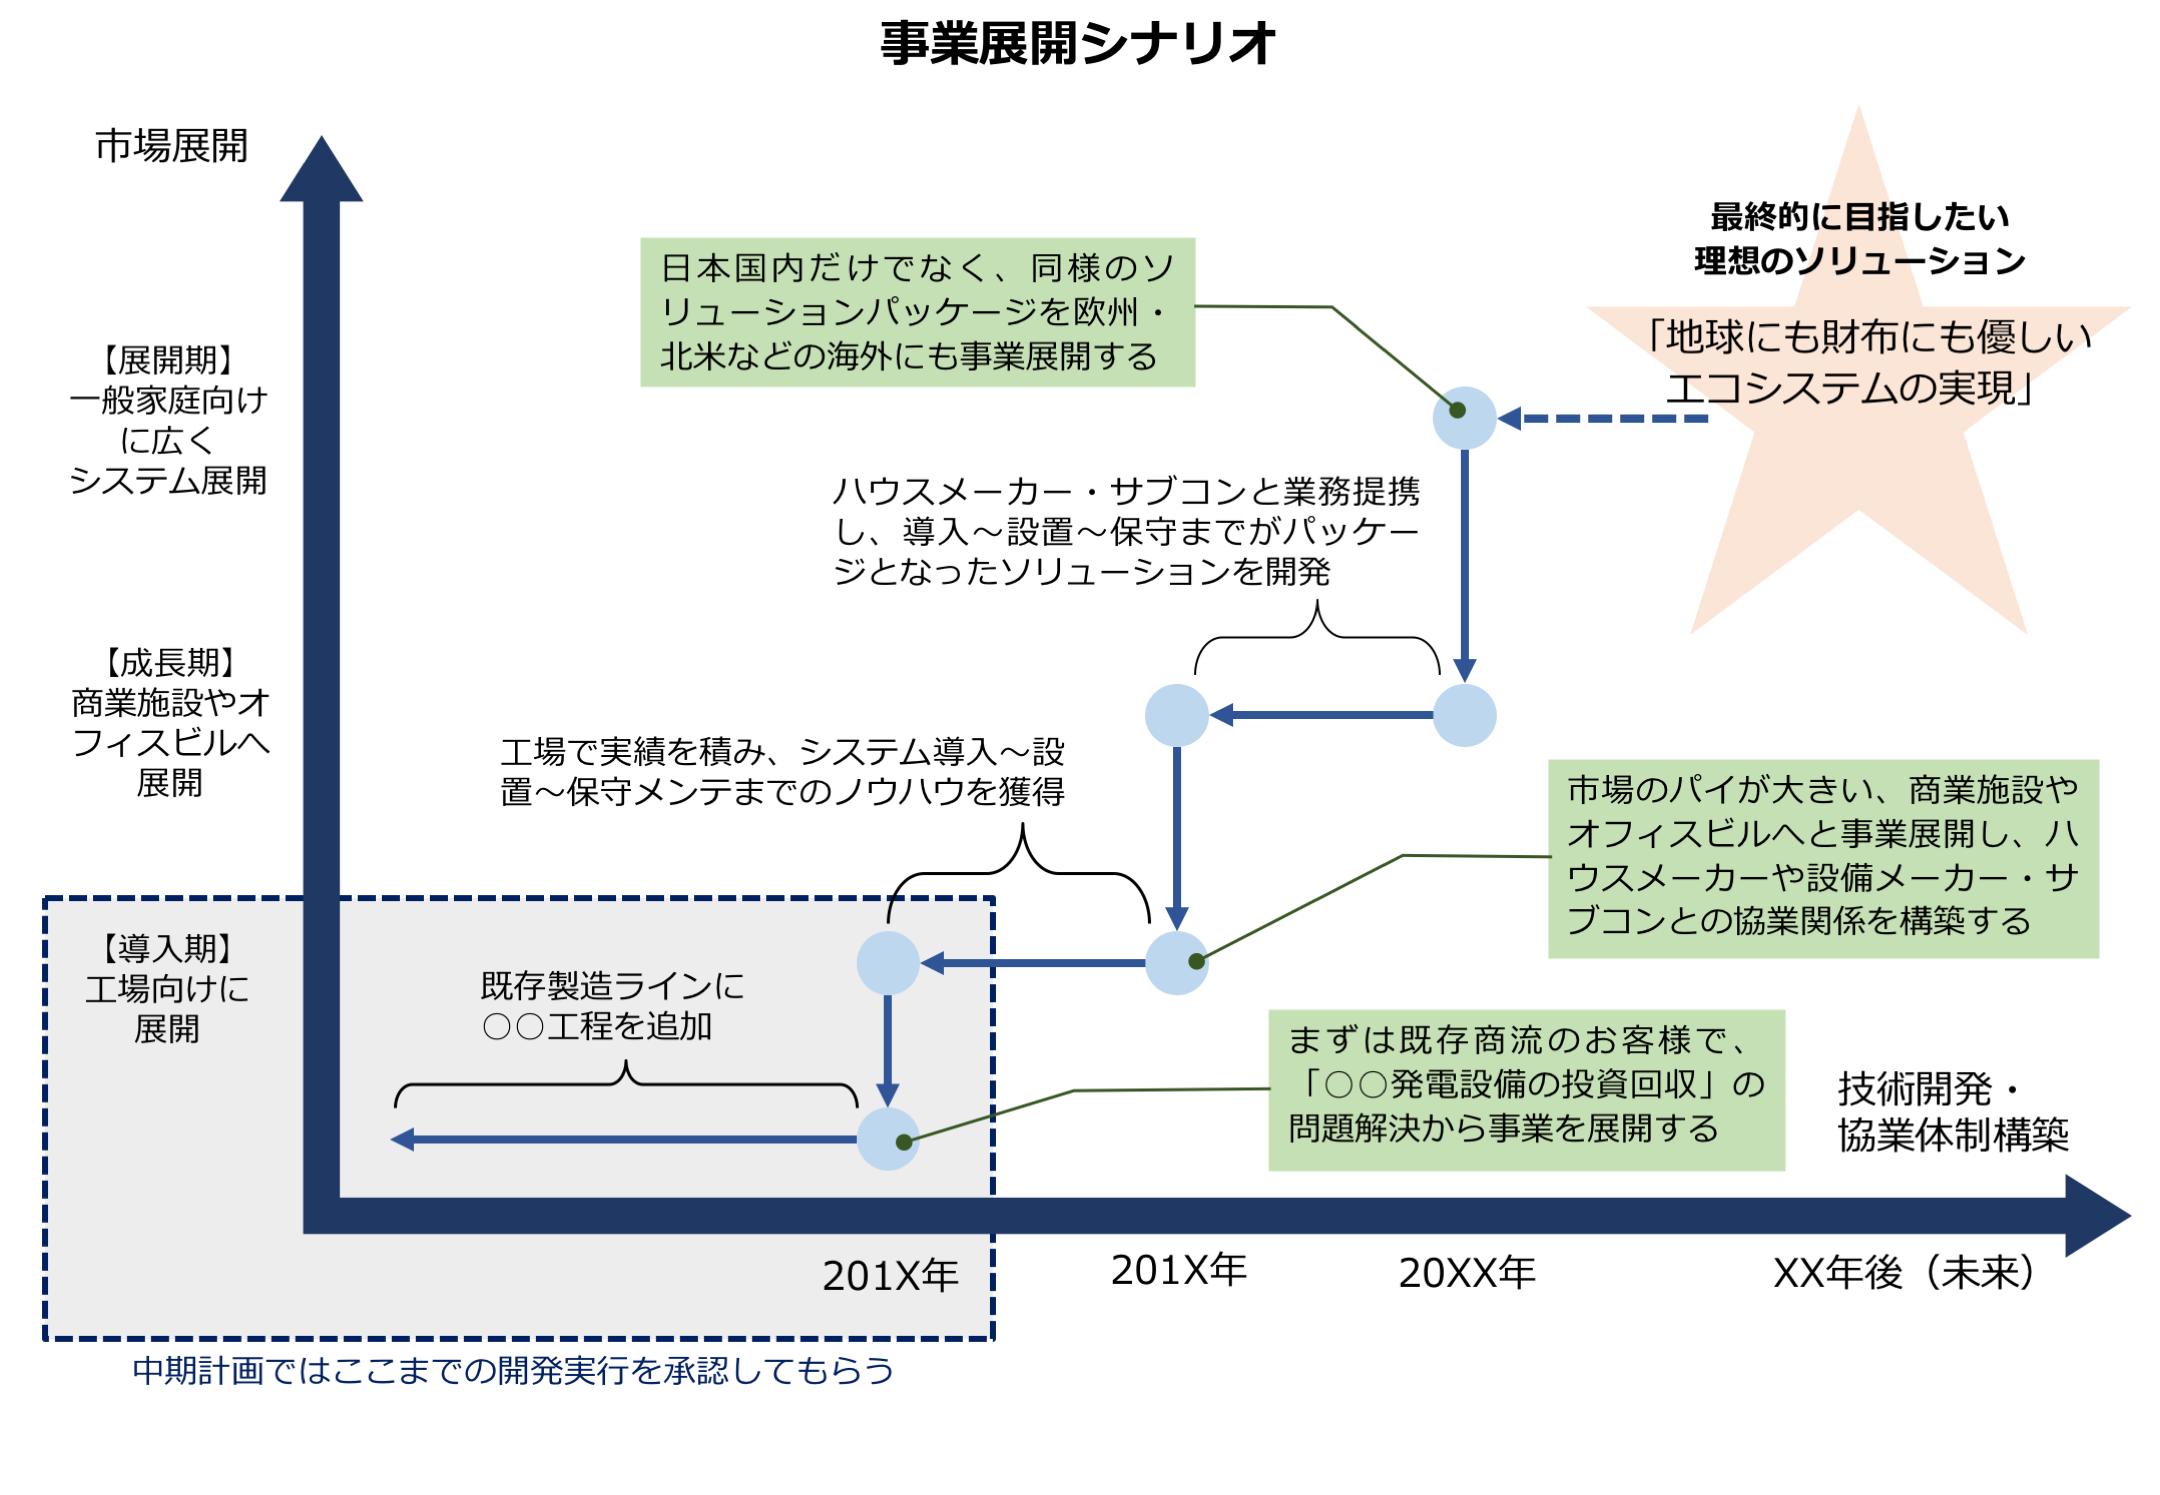 col_takahashi_06_01.png